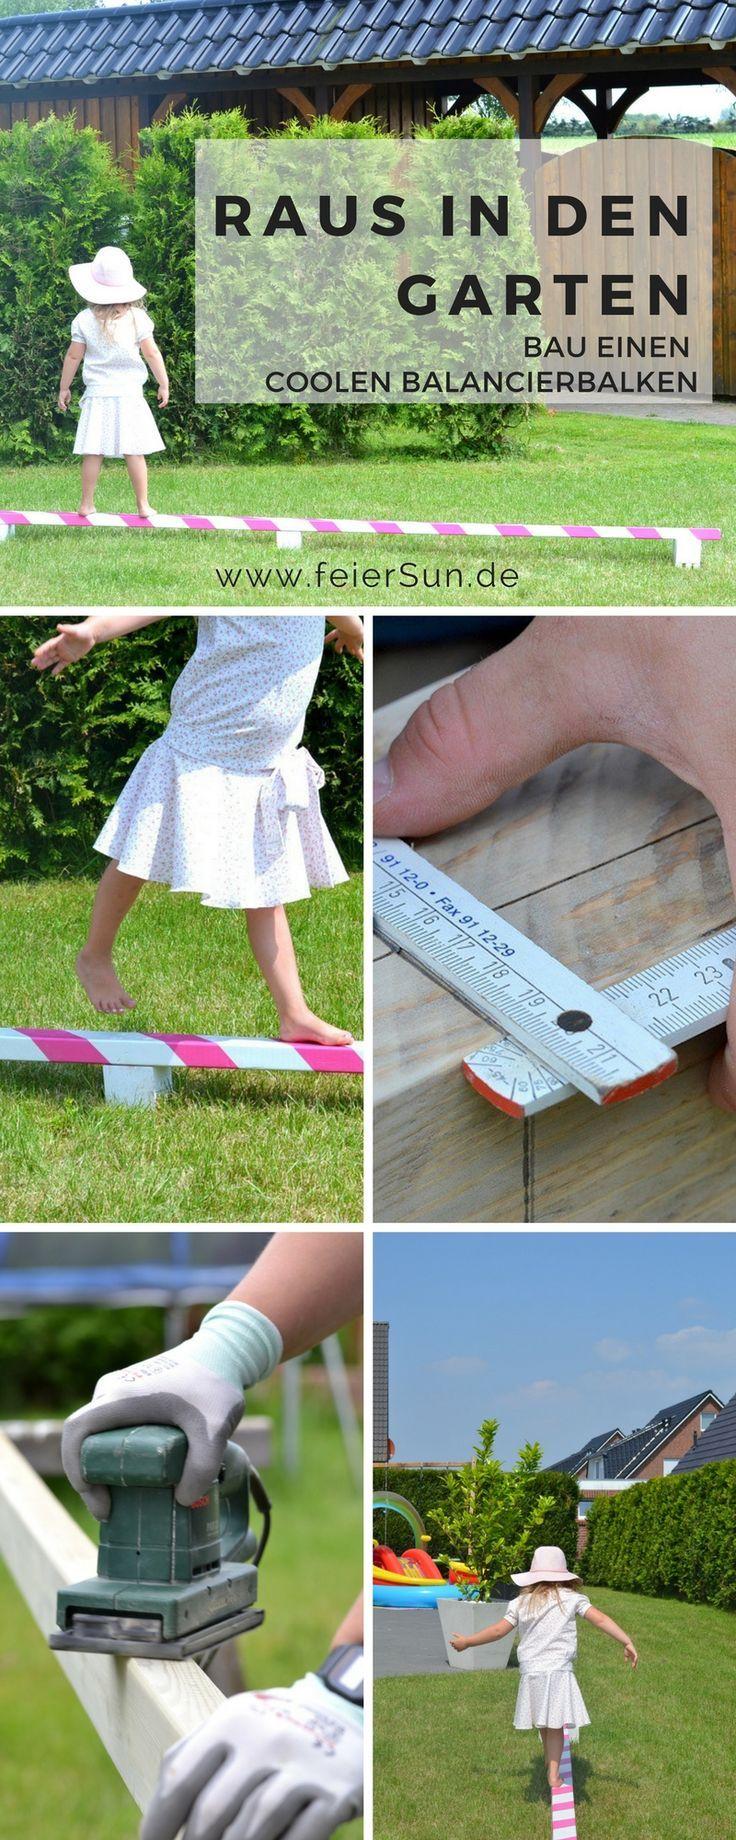 basteln mit kindern gemusegarten bild, kleine ballerina - einen balancierbalken bauen | kinder diy, Design ideen